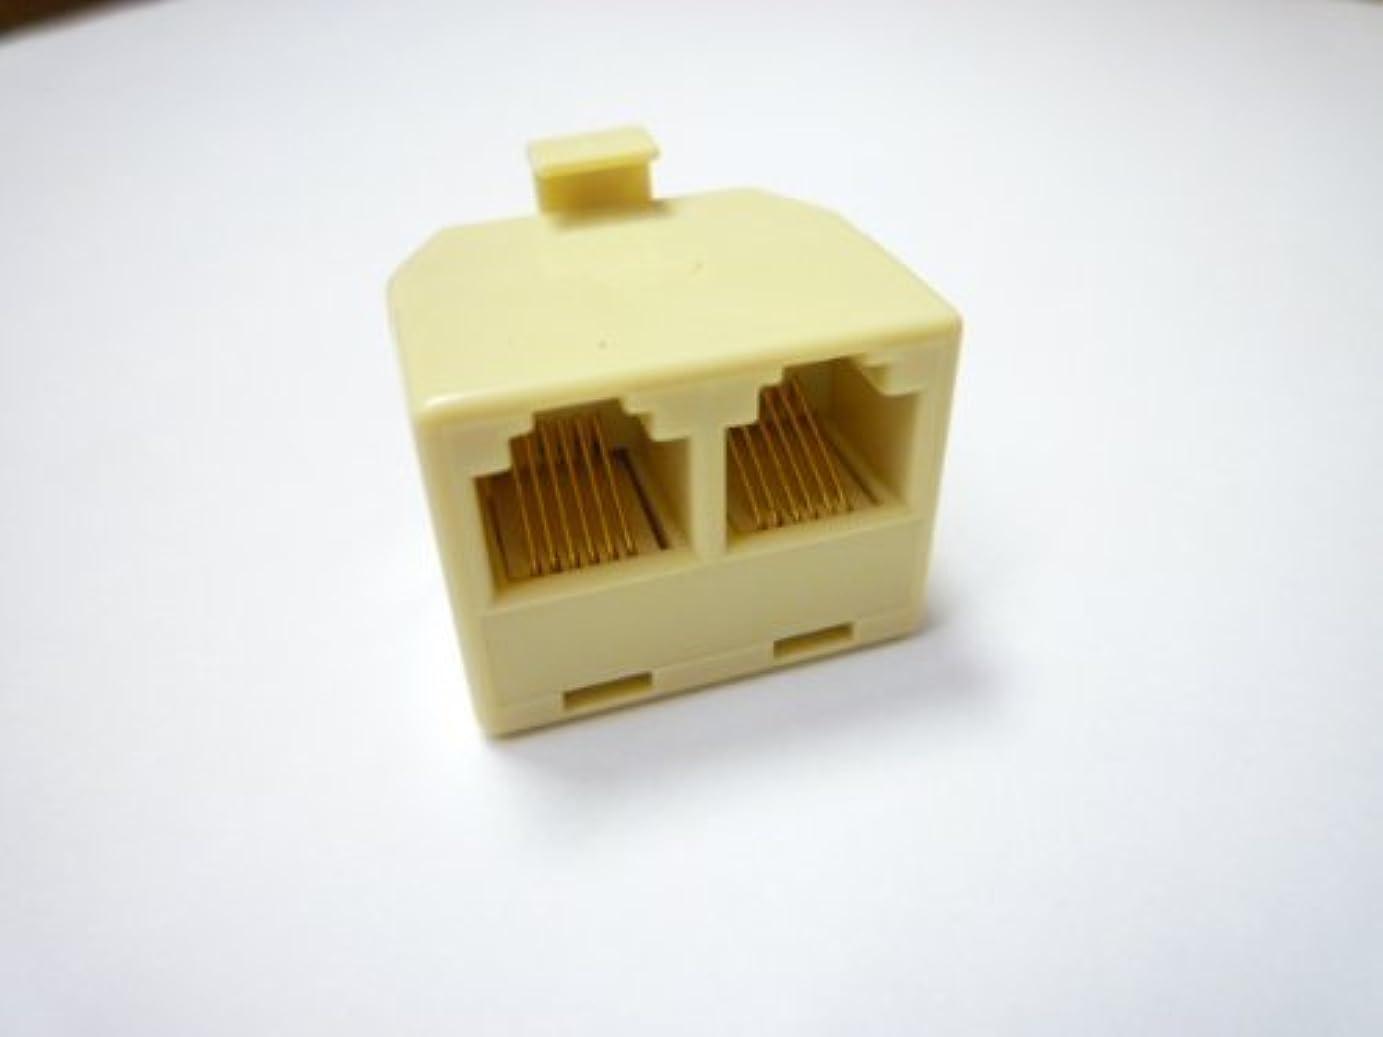 追加する層行商スカイニー 6極6芯(RJ-25) 2分配(分岐)モジュラージャック DMJ-6C + モジュラーコード(5m) MP-MP-5m-6C セット